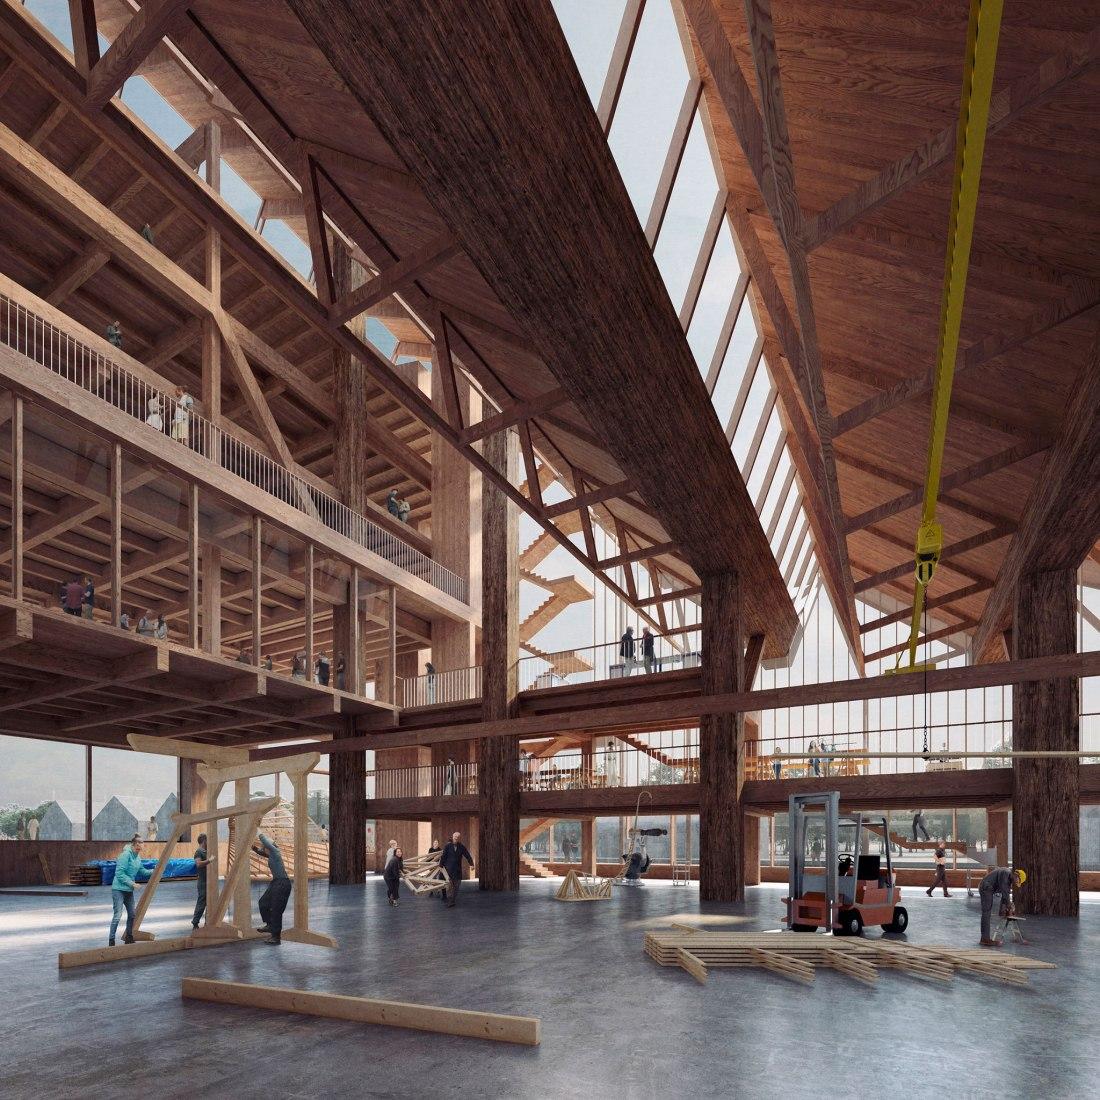 La propuesta de Grafton Architects demuestra el proyecto y el potencial estructural de la madera. Imagen cortesía de la Universidad de Arkansas.